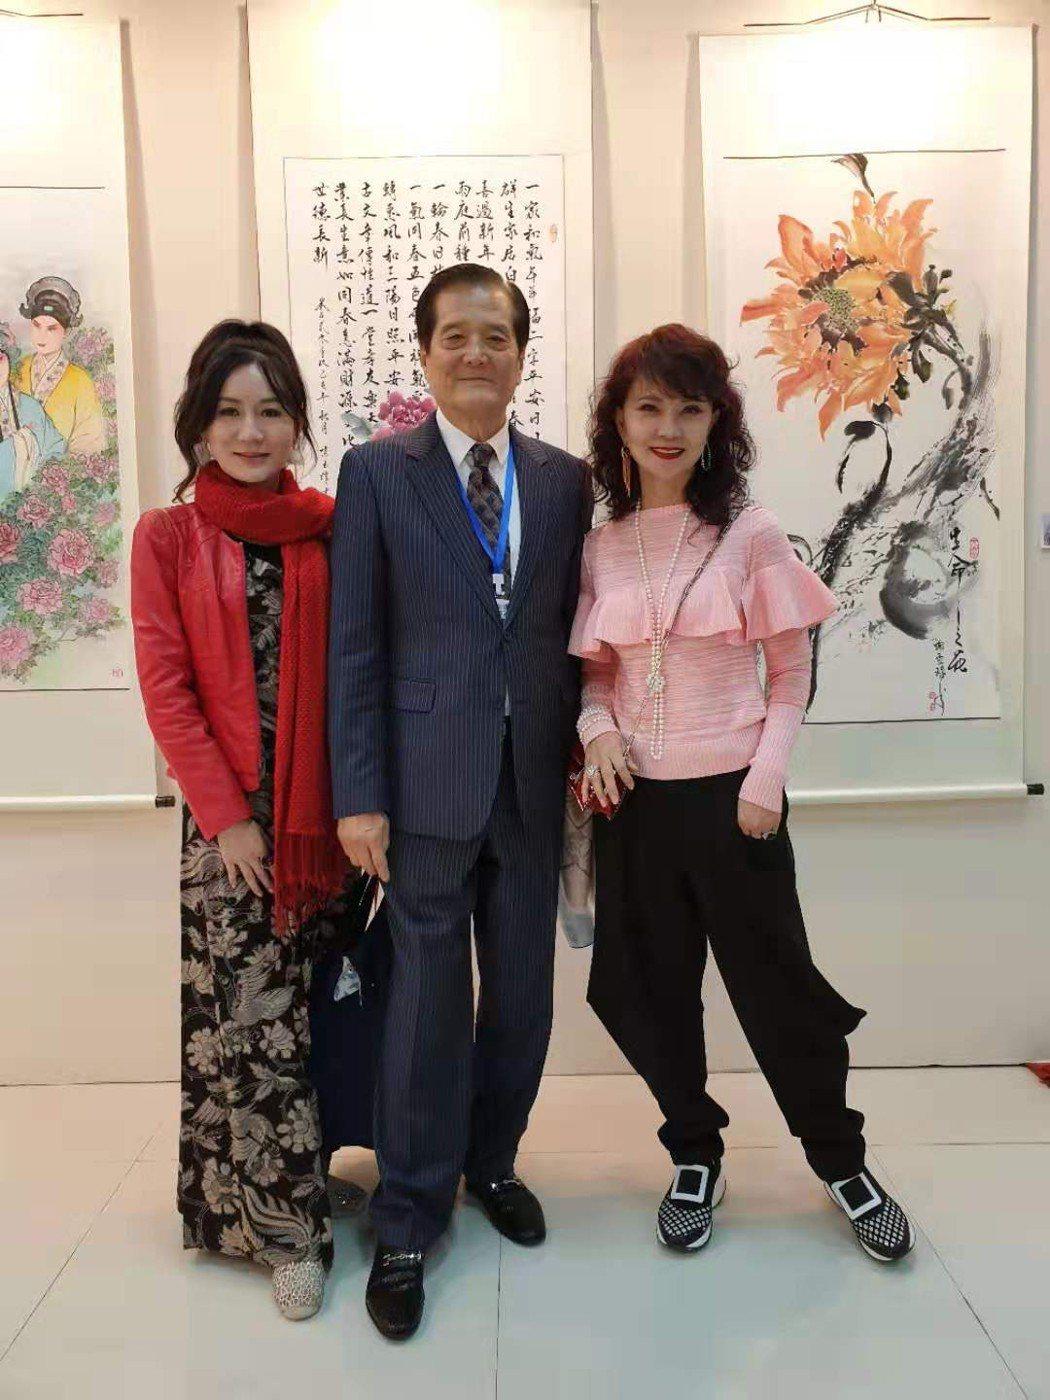 鄧美芳(右起)和理事長汪威江、畫家陳玉珠在平潭參加藝術家畫展。記者楊起鳳/攝影